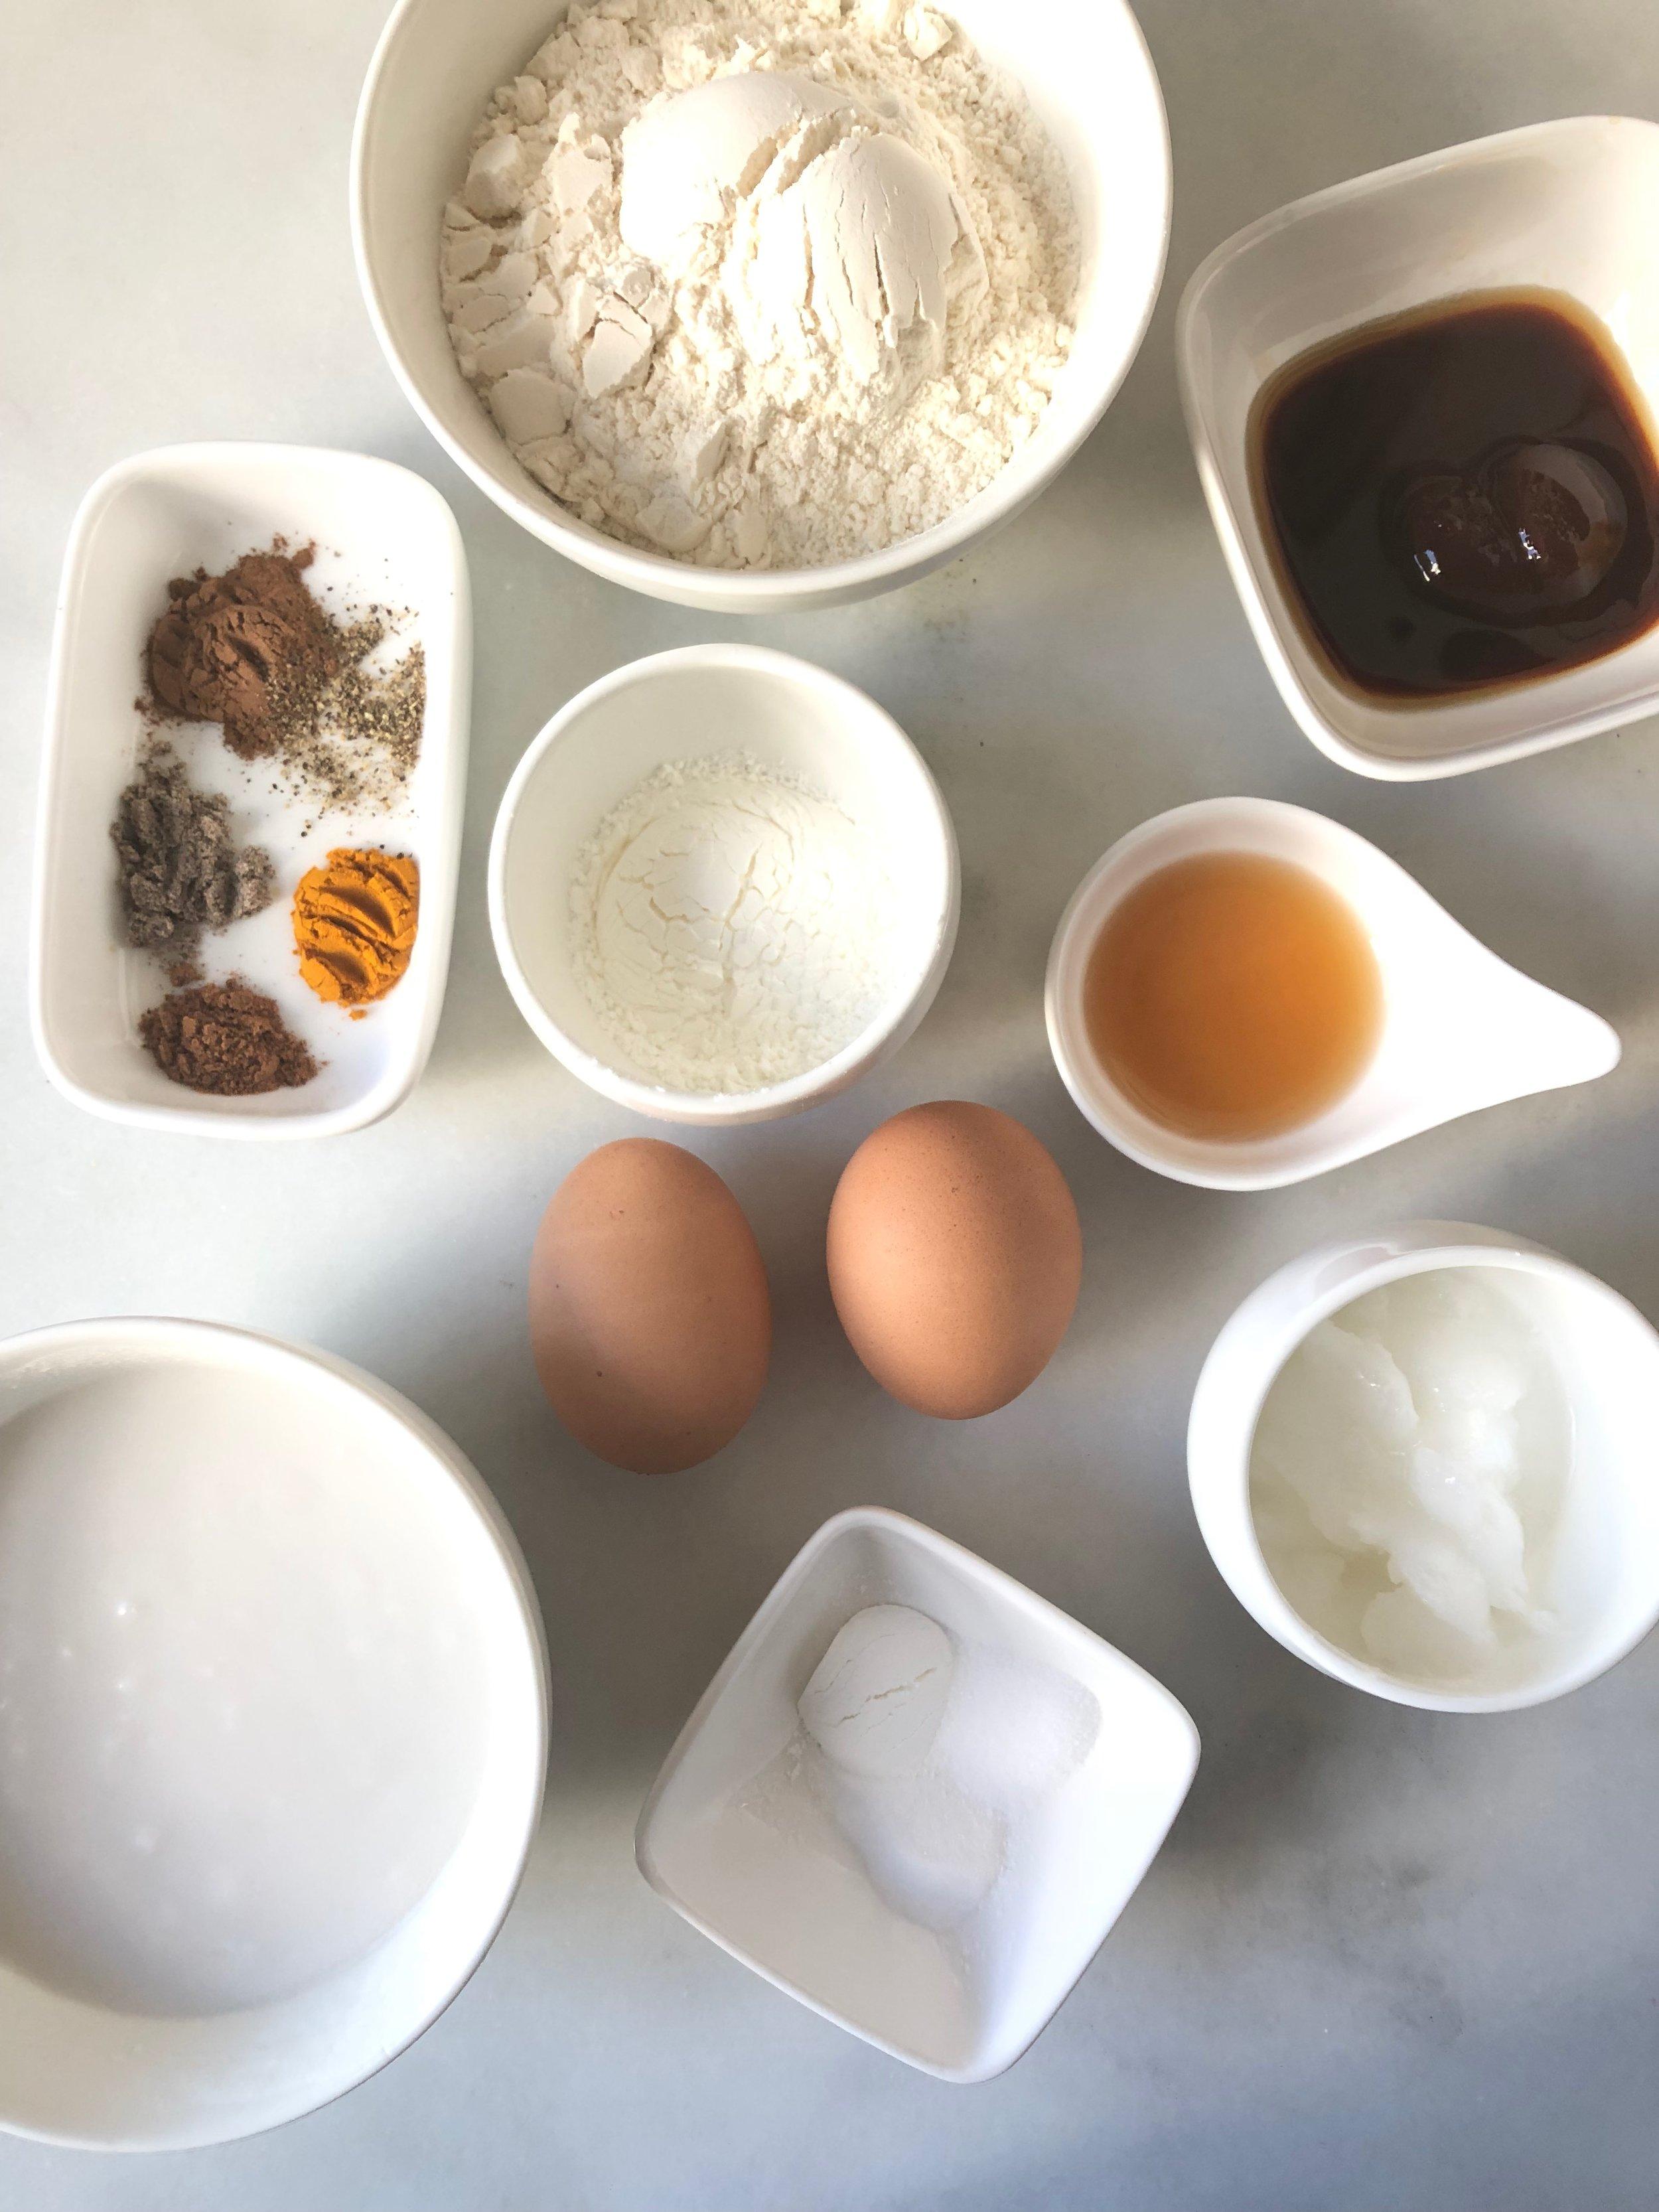 Ingredients for Golden Milk Waffles